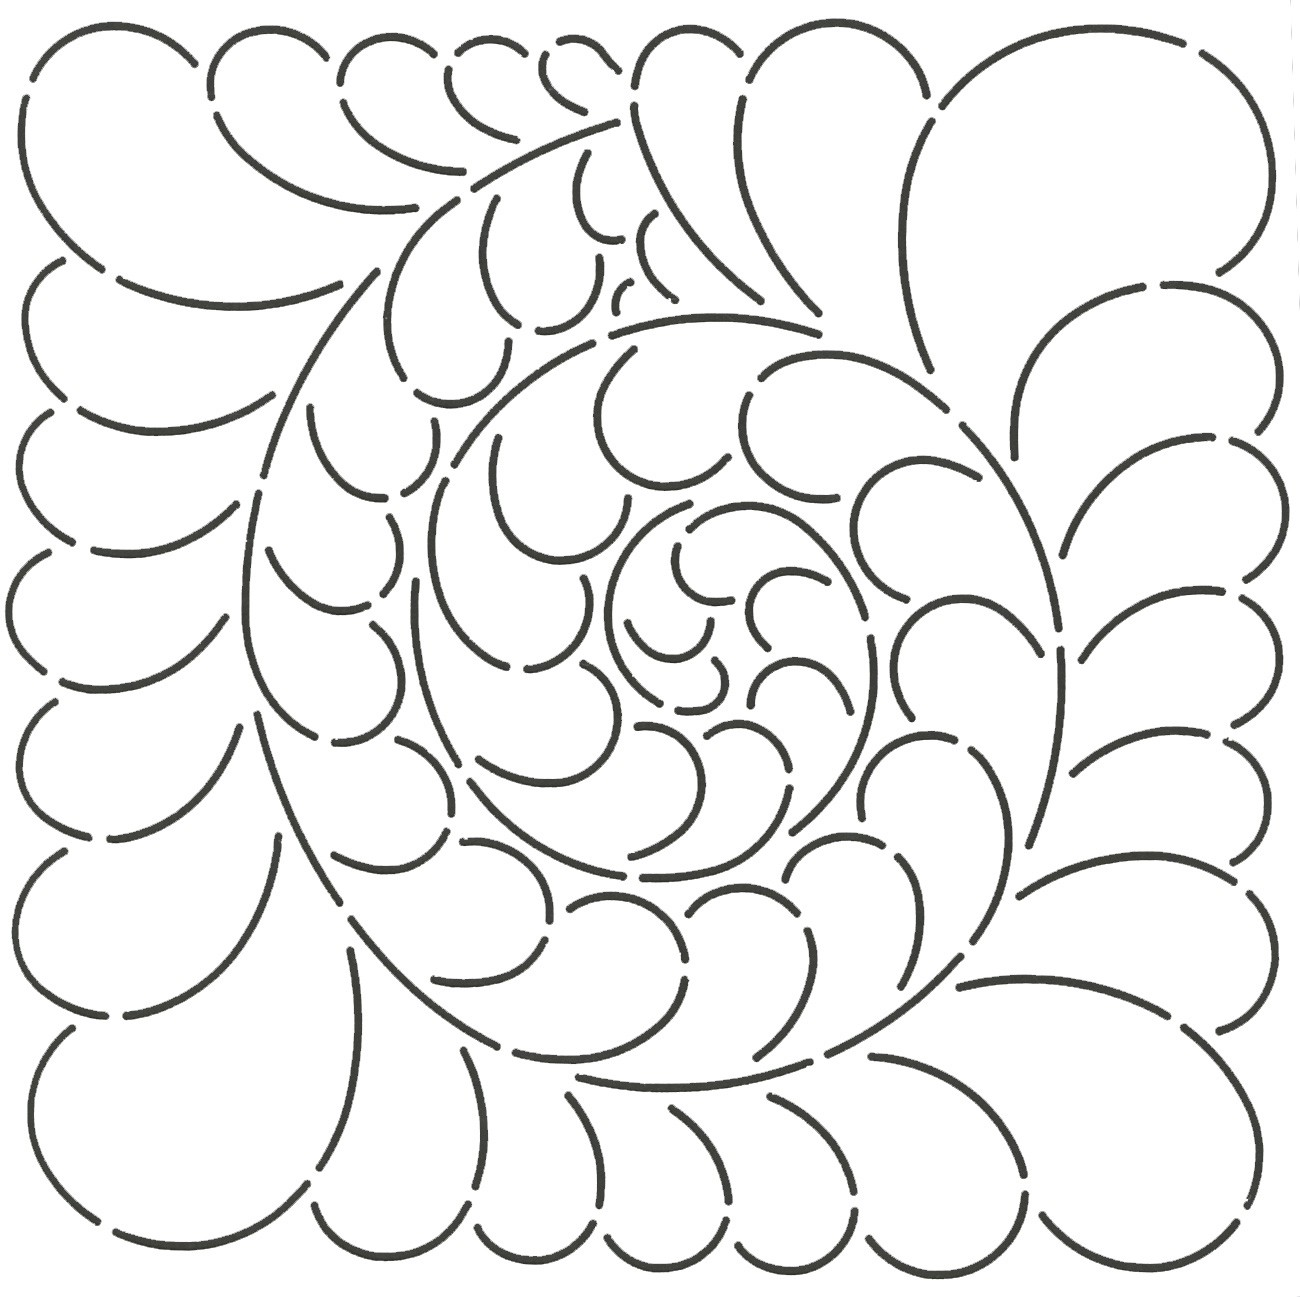 Quilt Stencil Feather Swirl 9in By Patten, Sue